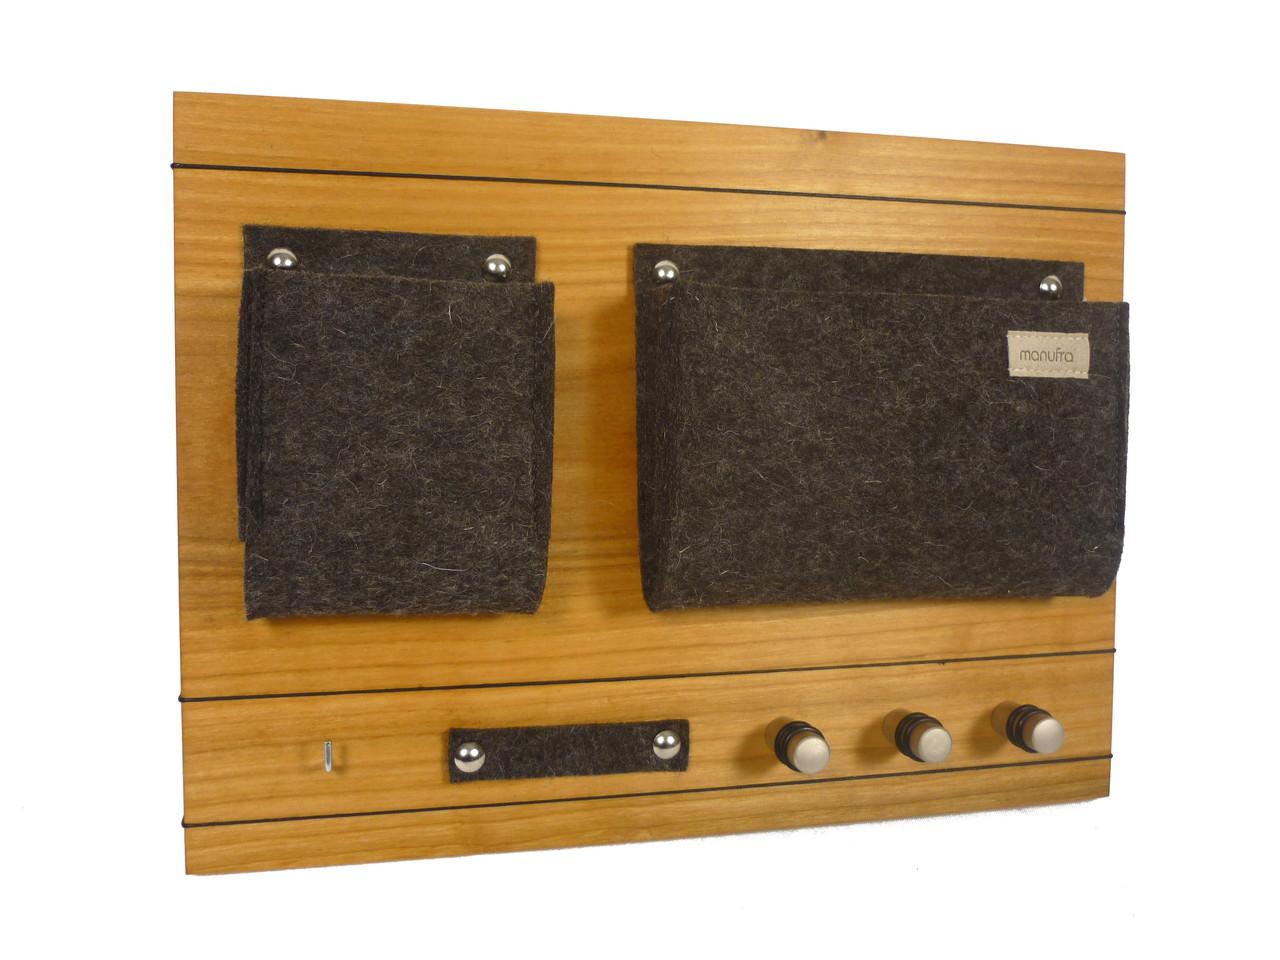 schl sselboards manufra feines aus filz. Black Bedroom Furniture Sets. Home Design Ideas